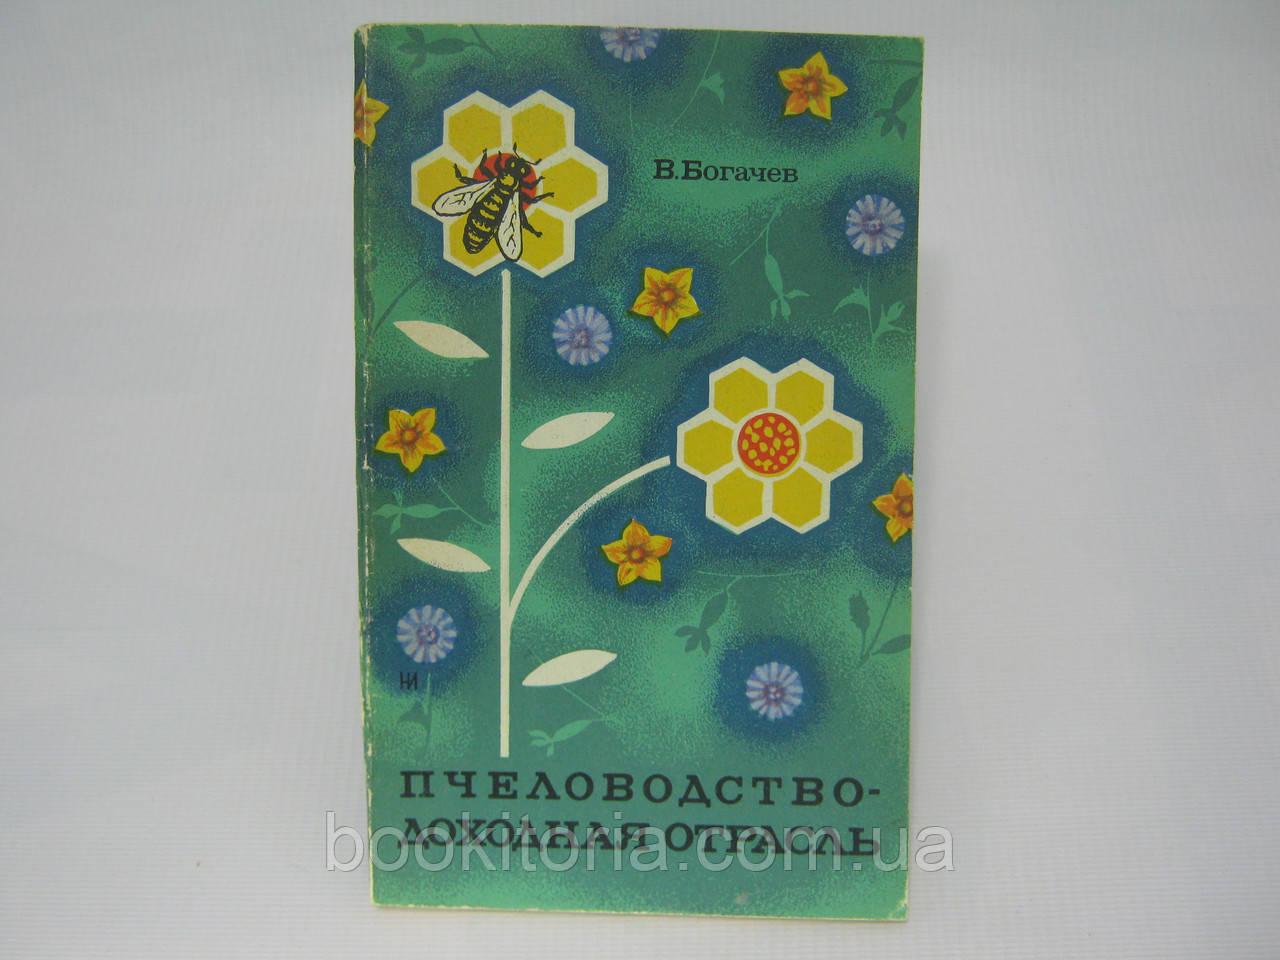 Богачев В.С. Пчеловодство – доходная отрасль (б/у).